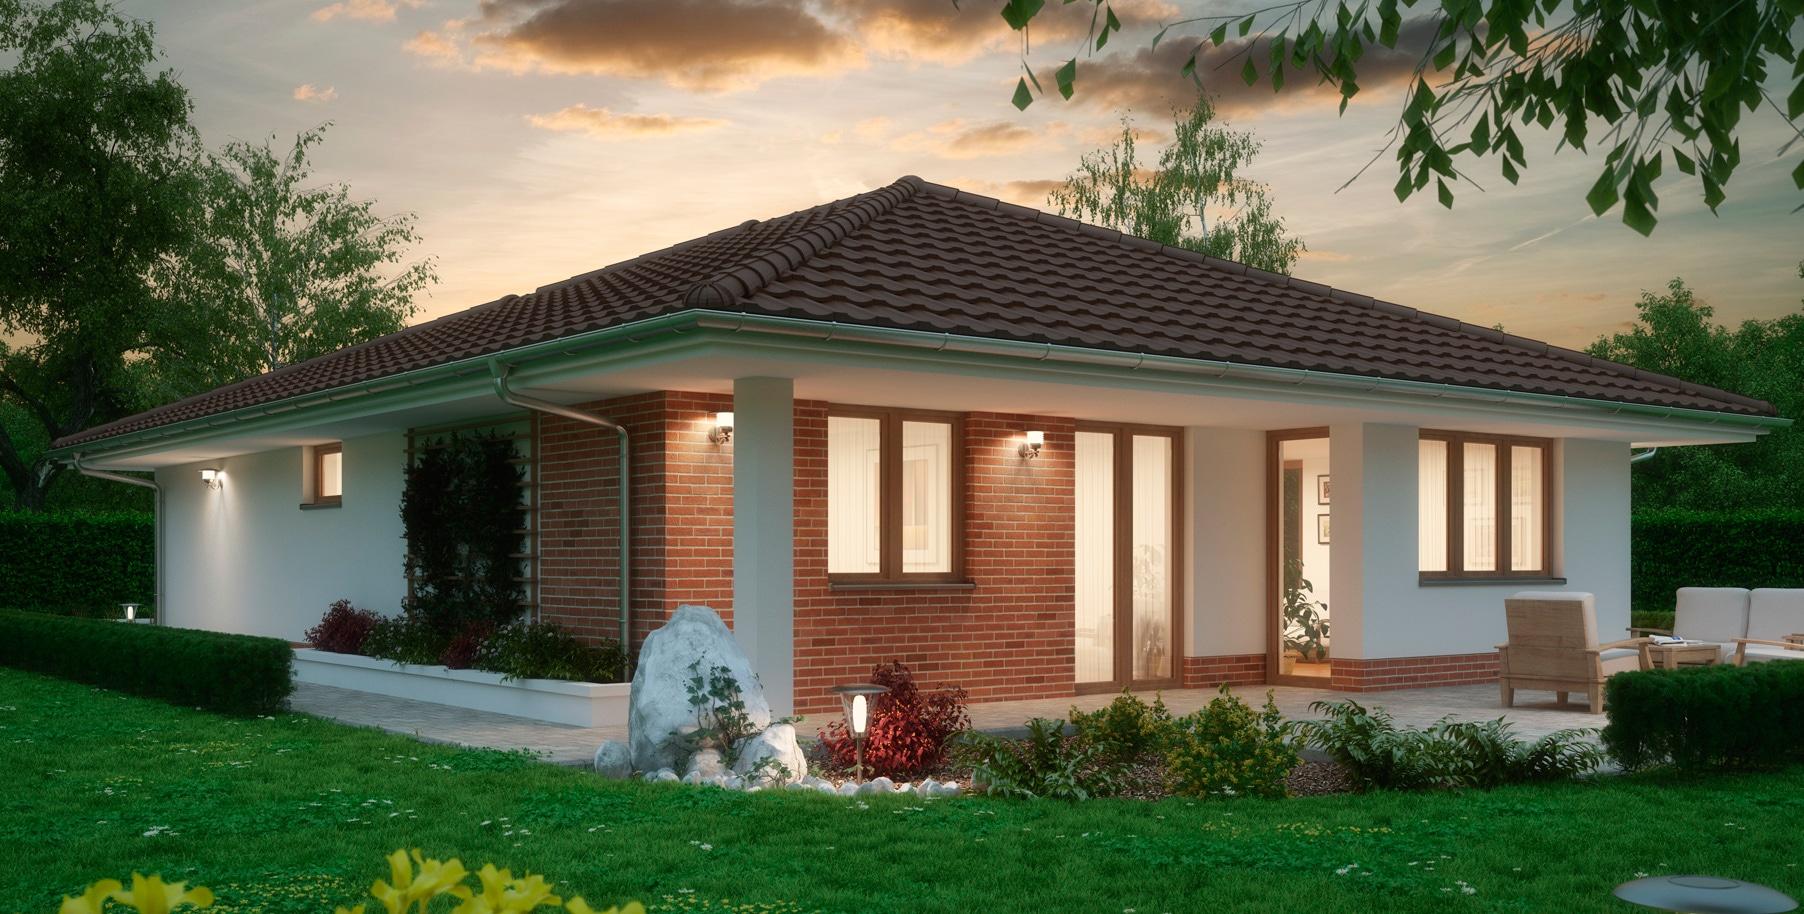 Проект одноэтажного дома c гаражом и террасой «КО-162» - фото №3